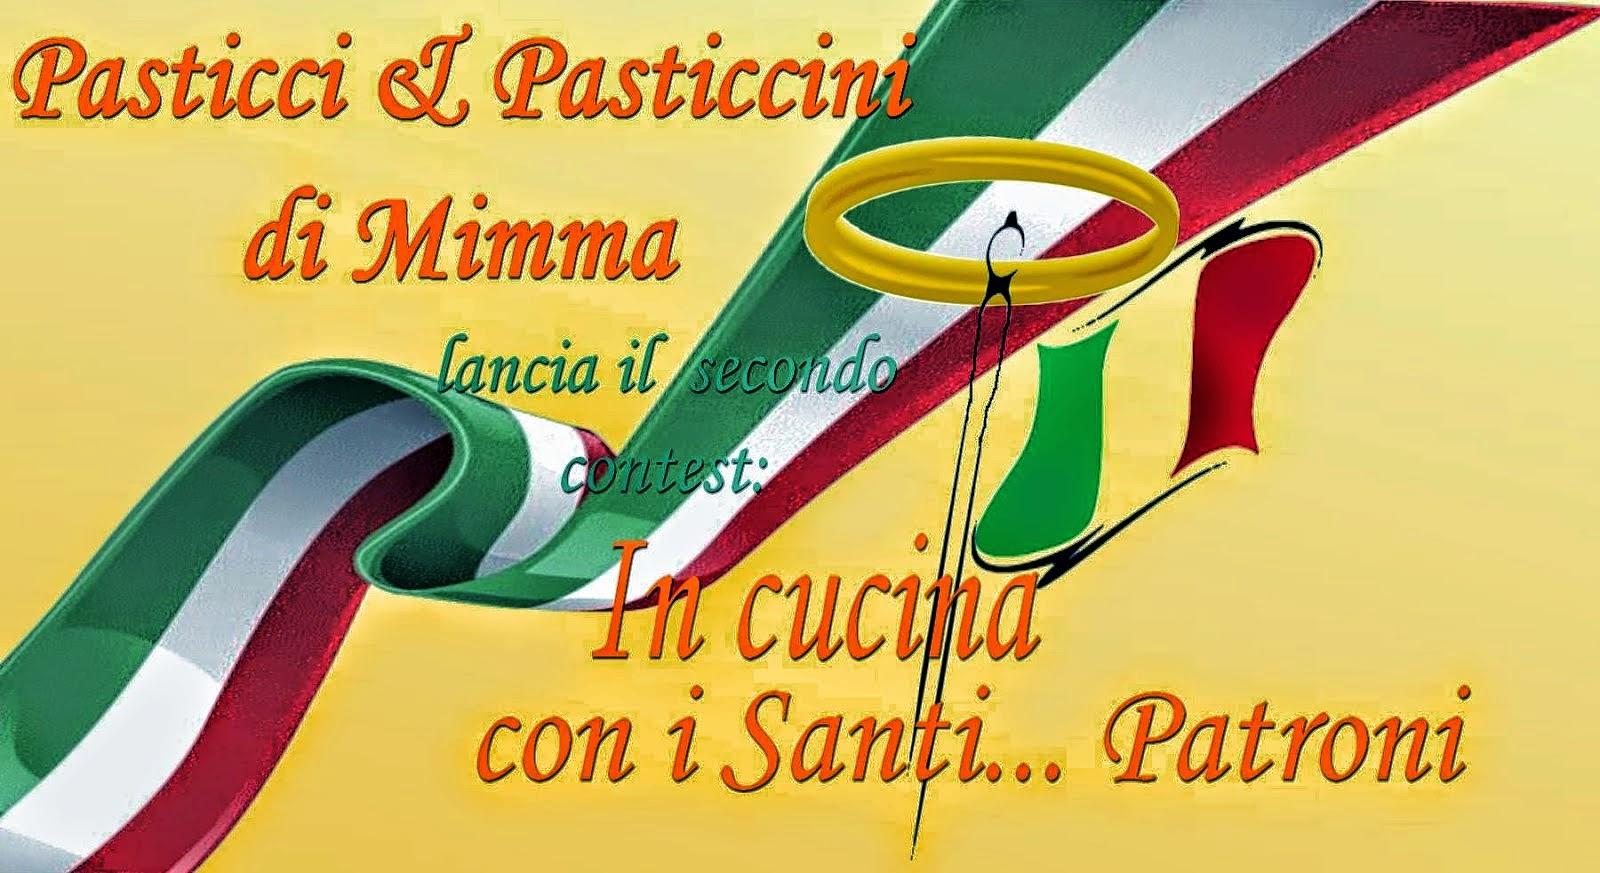 2° - In Cucina con i Santi... Patroni